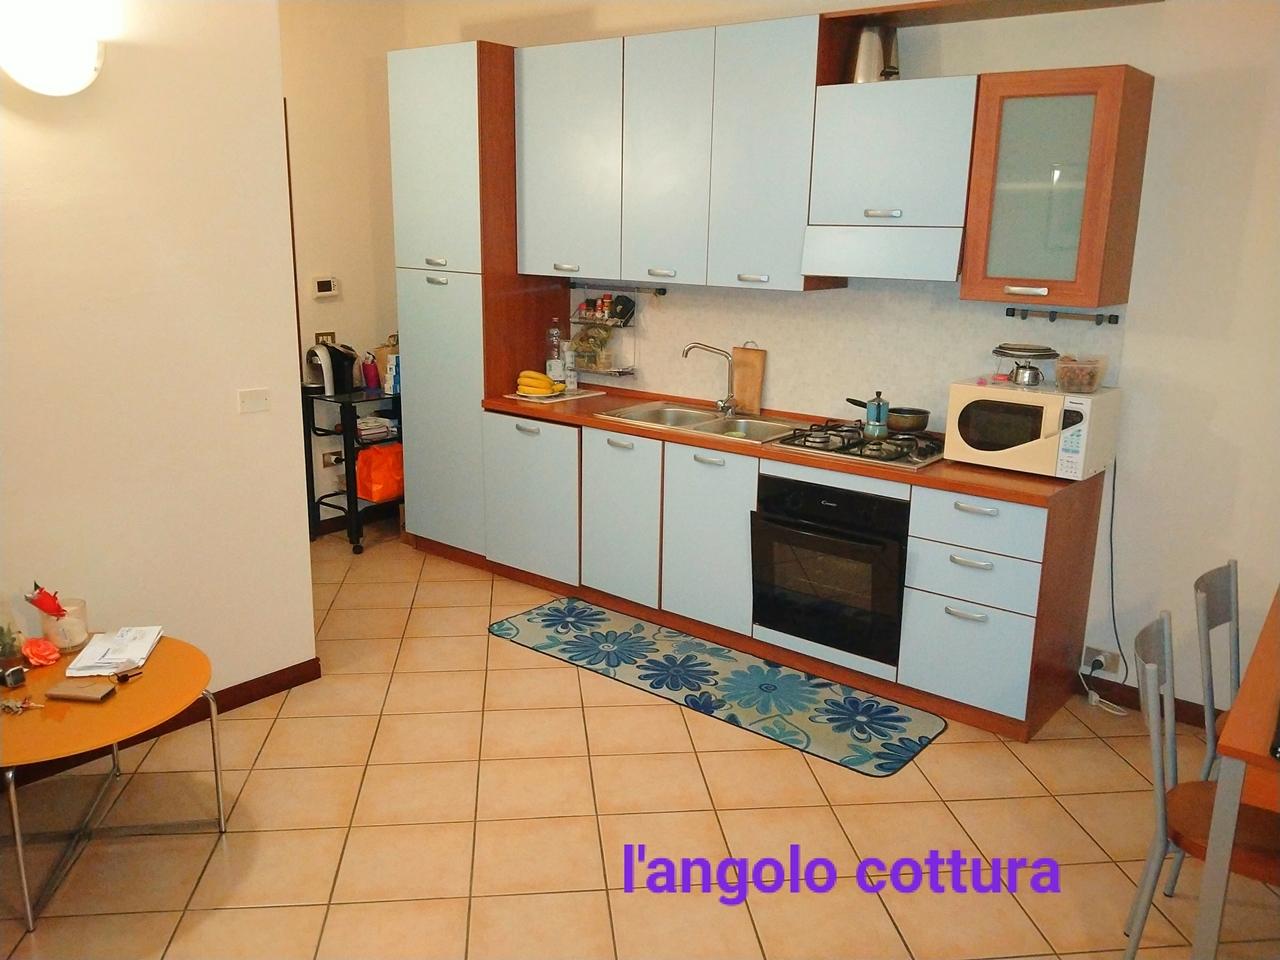 Appartamento in vendita a Lonato, 2 locali, prezzo € 80.000 | PortaleAgenzieImmobiliari.it